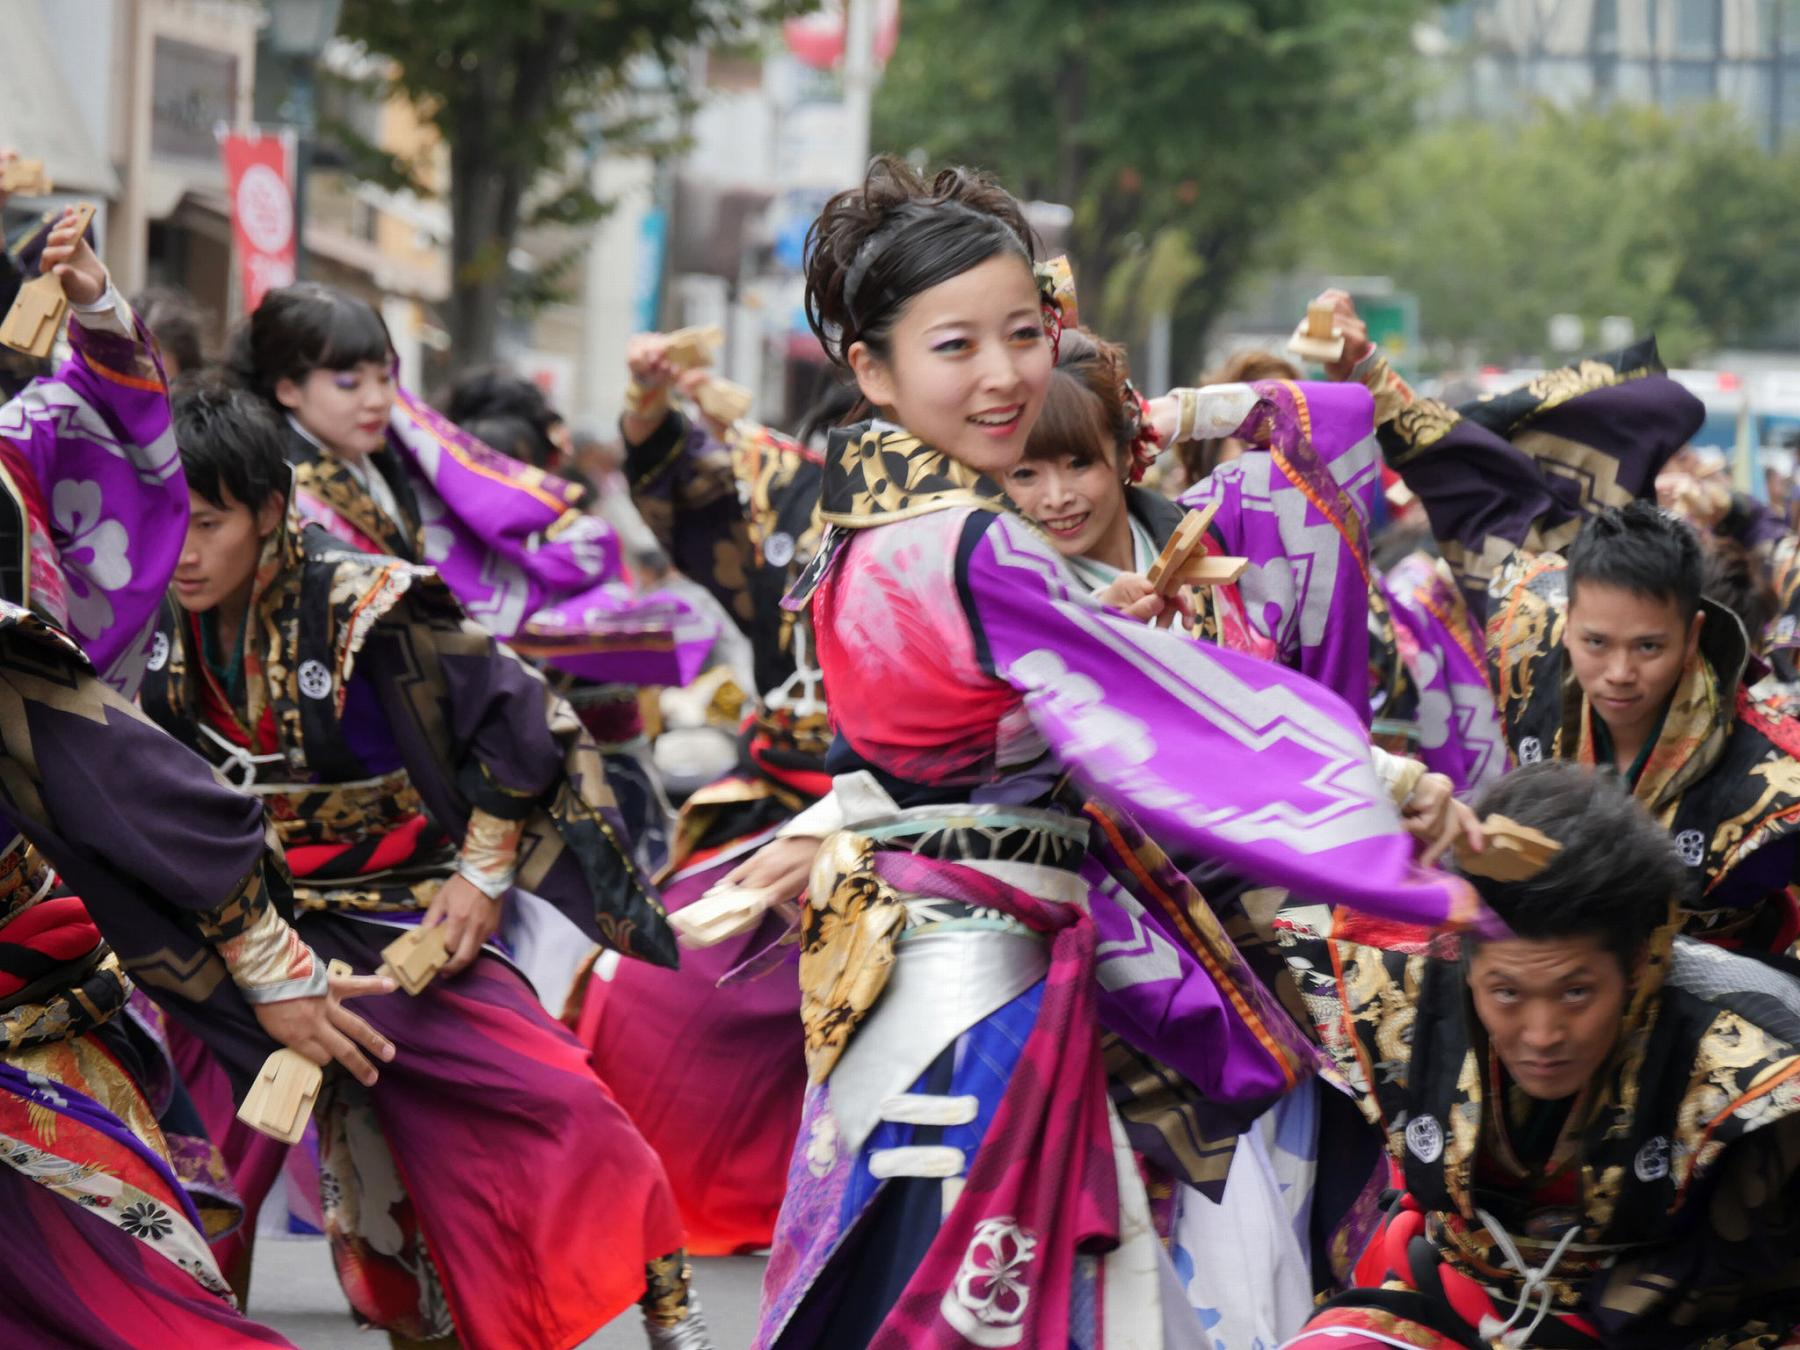 神戸メリケンパーク&元町界隈で「KOBE ALIVE~神戸新舞~2018」が9/22と9/23に開催されるよ #よさこいイベント #神戸新舞 #KOBEALIVE肉コレクション #神戸観光